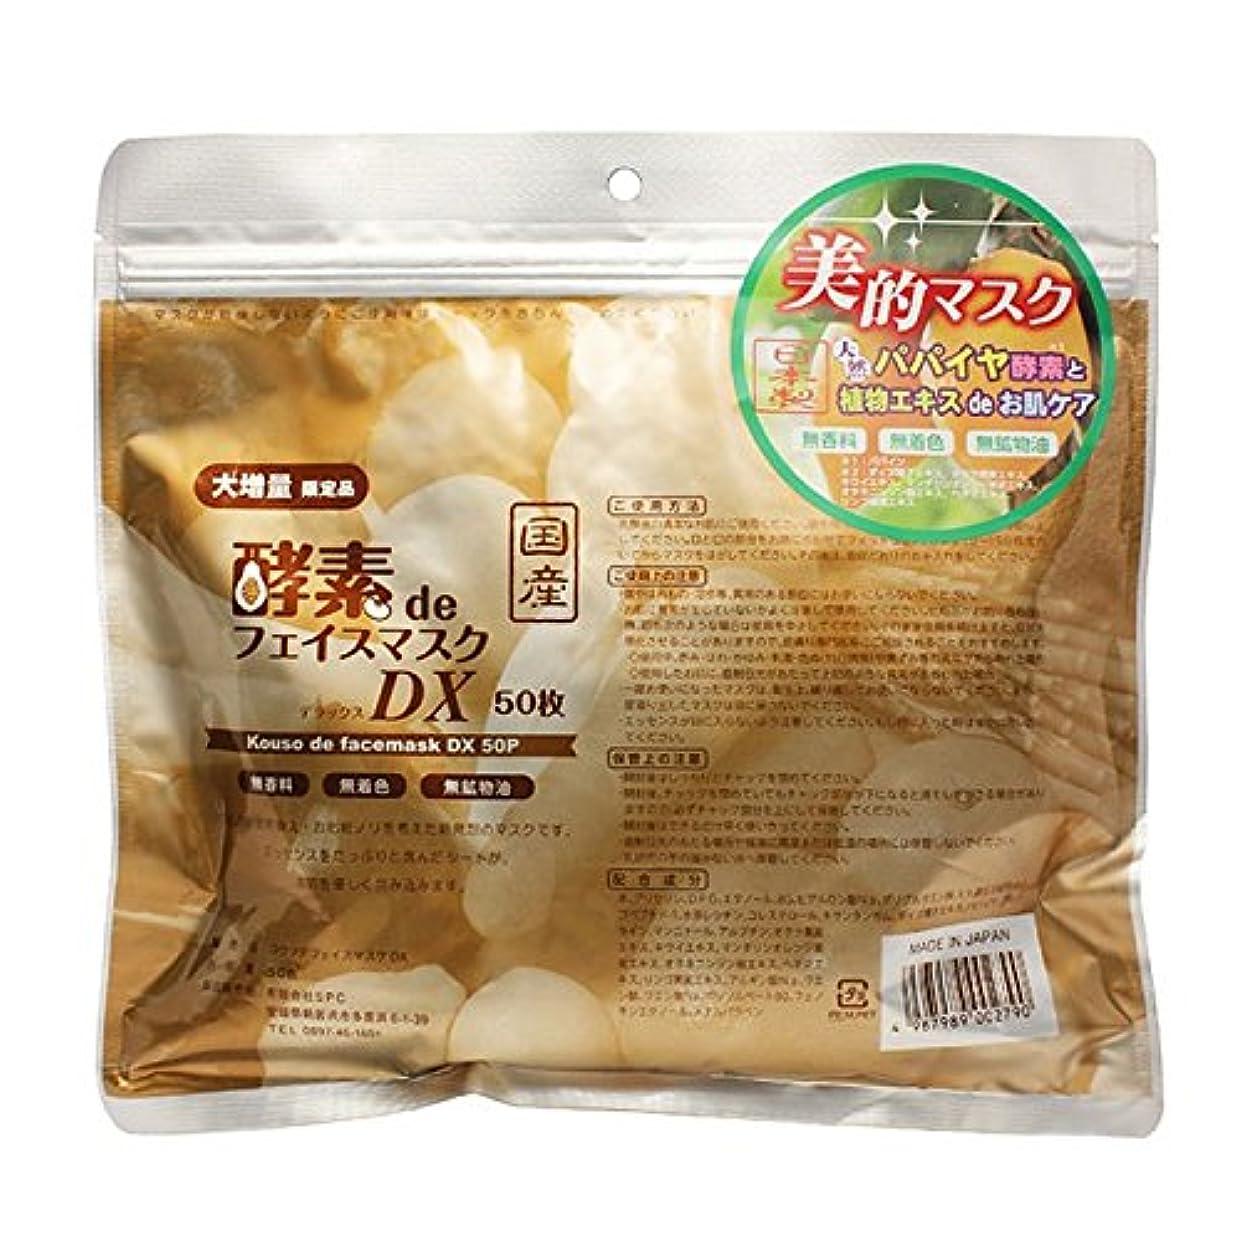 優遇もちろん石油酵素 de フェイスマスク DX [50枚入]日本製 エステサロン仕様